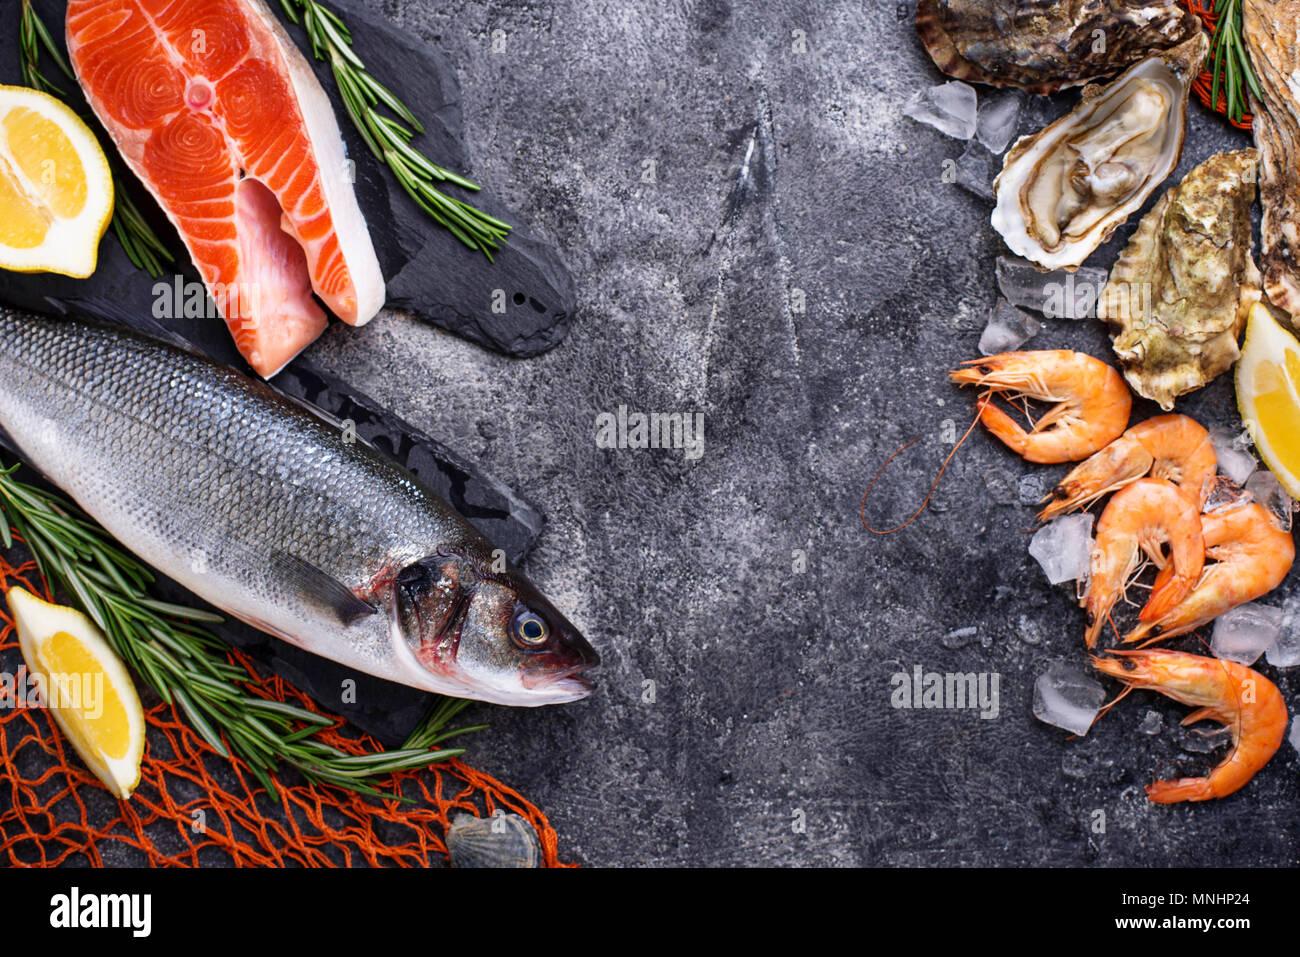 Concept de fruits de mer. Les poissons, les crevettes et les huîtres. Photo Stock